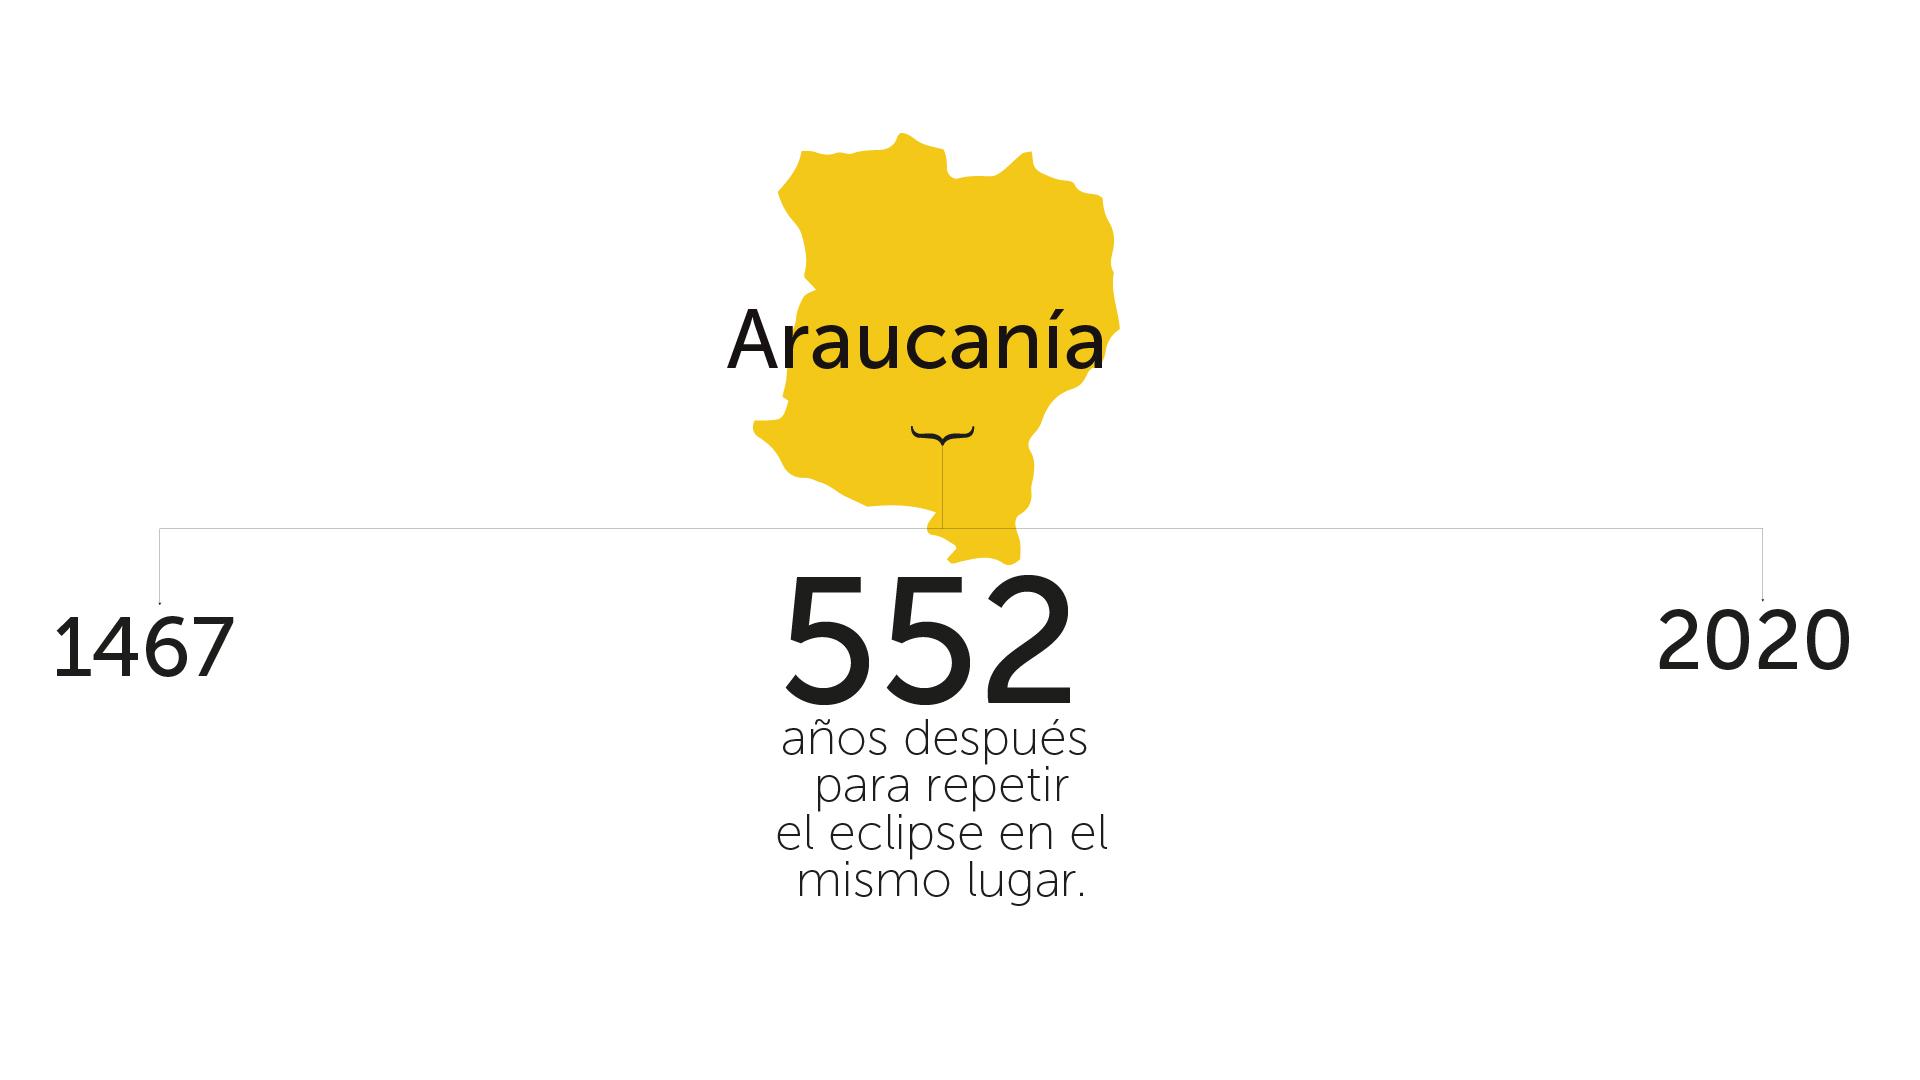 Línea de tiempo del eclipse 2020 en Araucanía